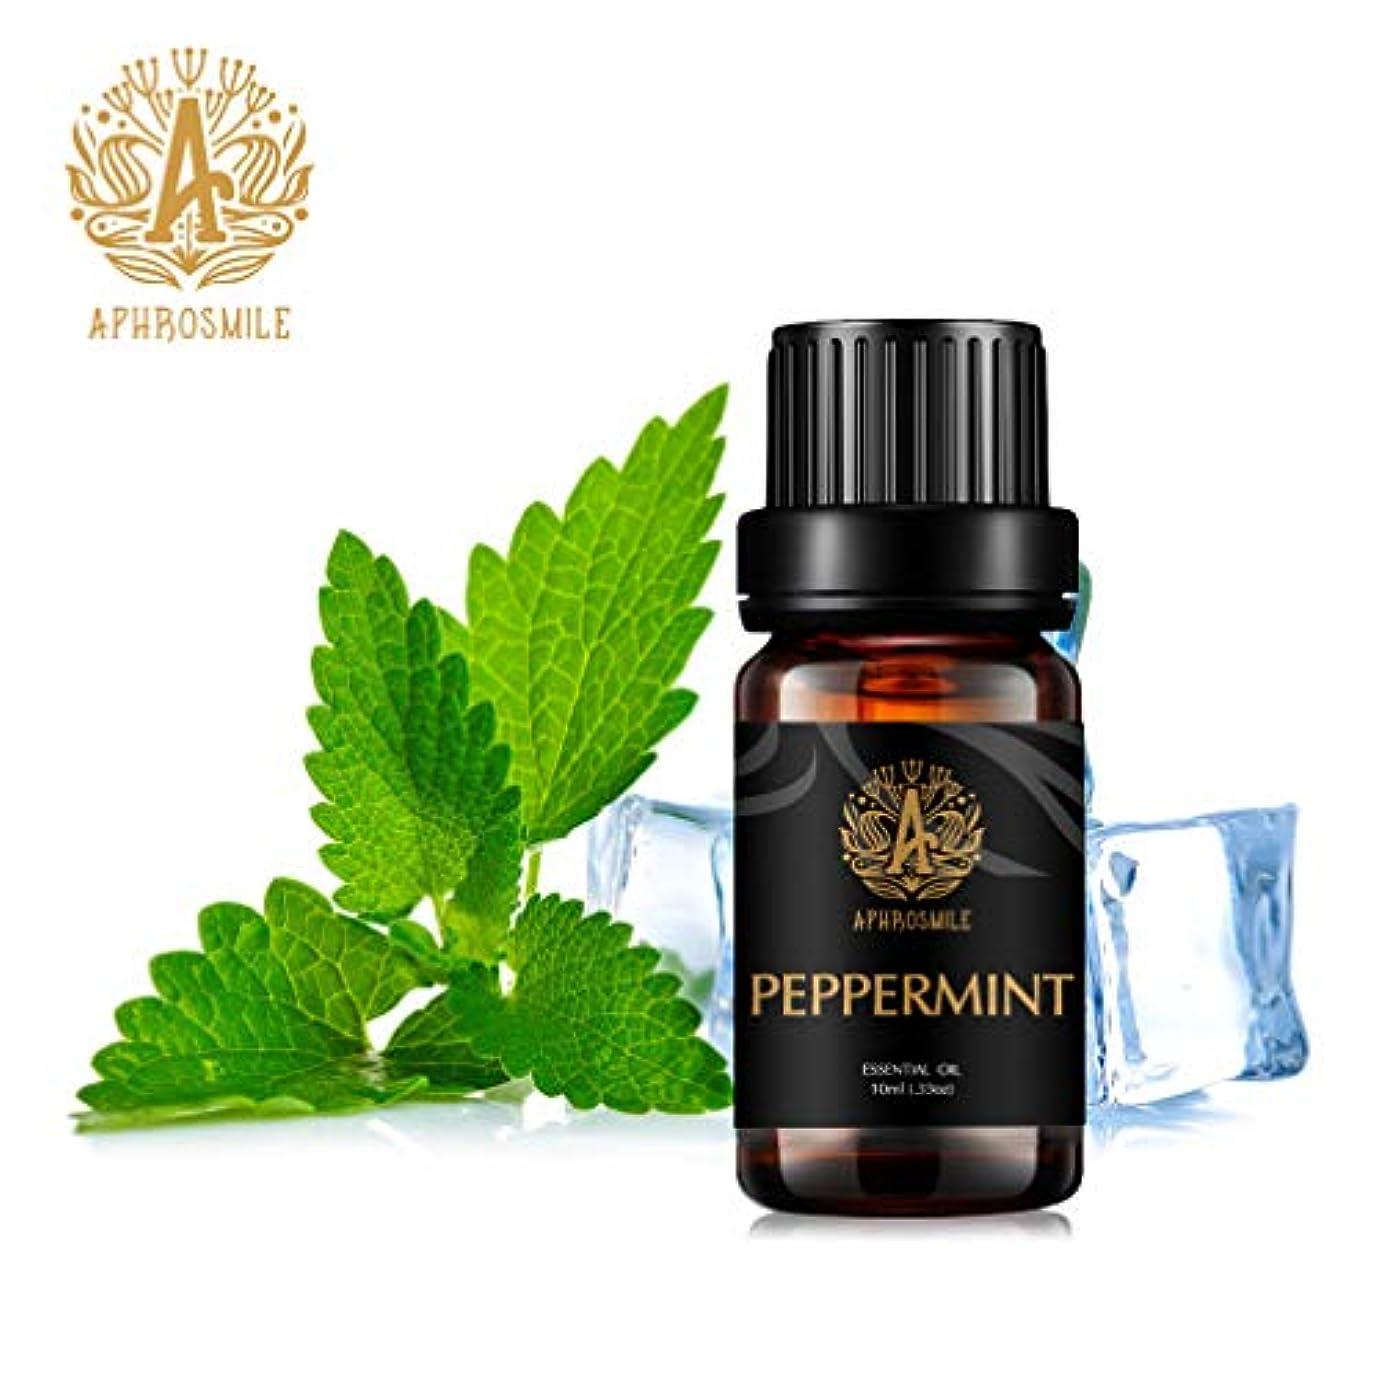 クレア凝縮するどう?ペパーミントの精油、100%純粋なアロマセラピーエッセンシャルオイルペパーミントの香り、明確な思考と、治療用グレードエッセンシャルオイルペパーミントの香り為にディフューザー、マッサージ、加湿器、デイリーケア、0.33オンス...